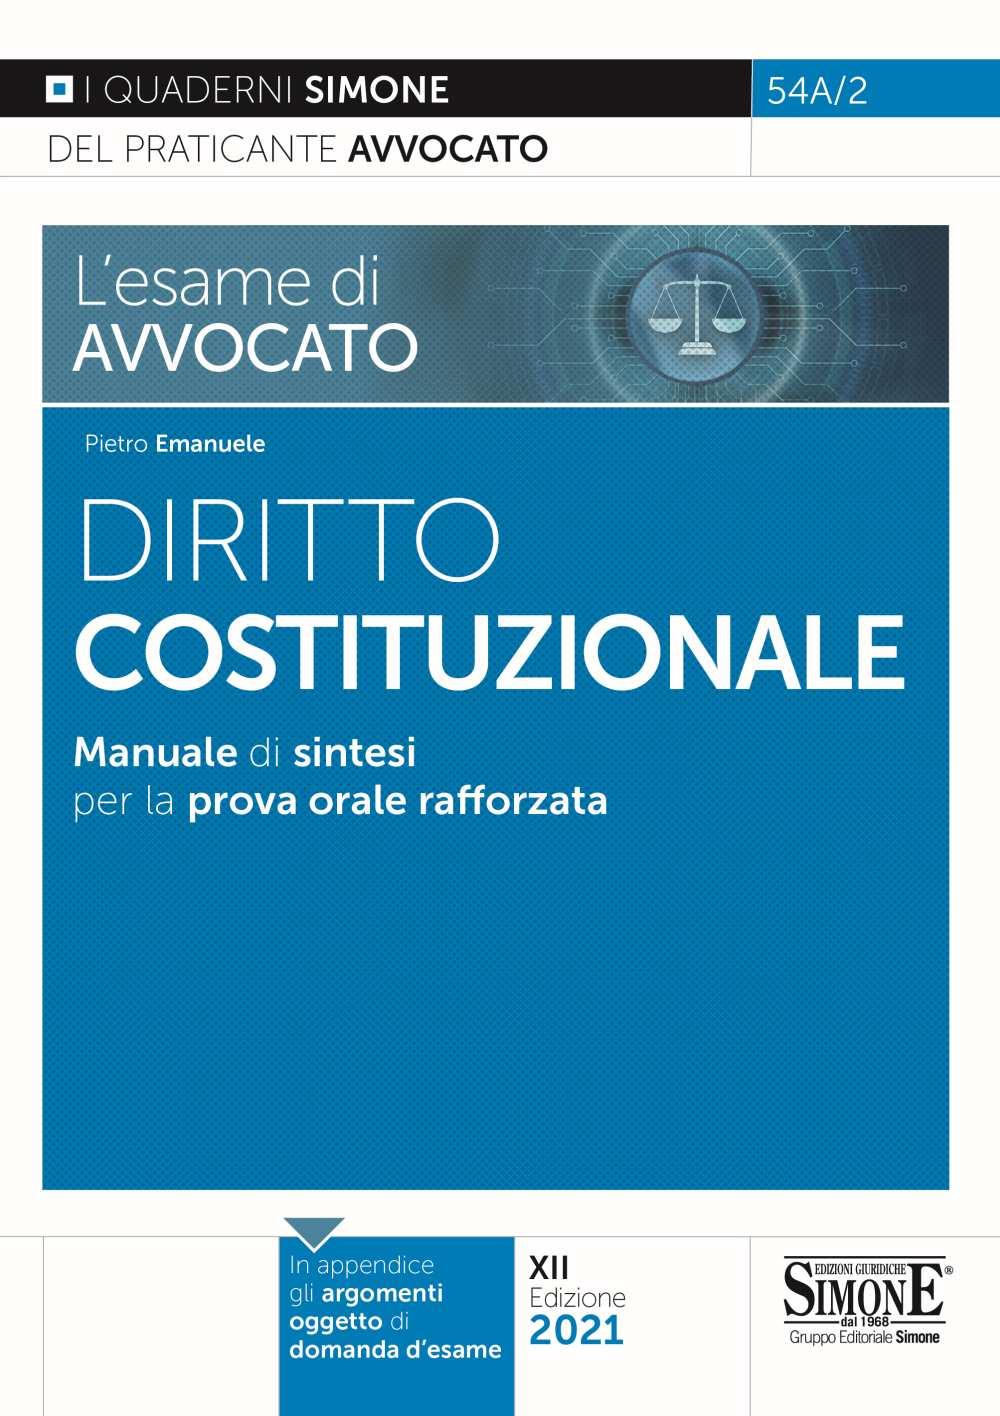 esame di avvocato - Diritto Costituzionale - Manuale di sintesi